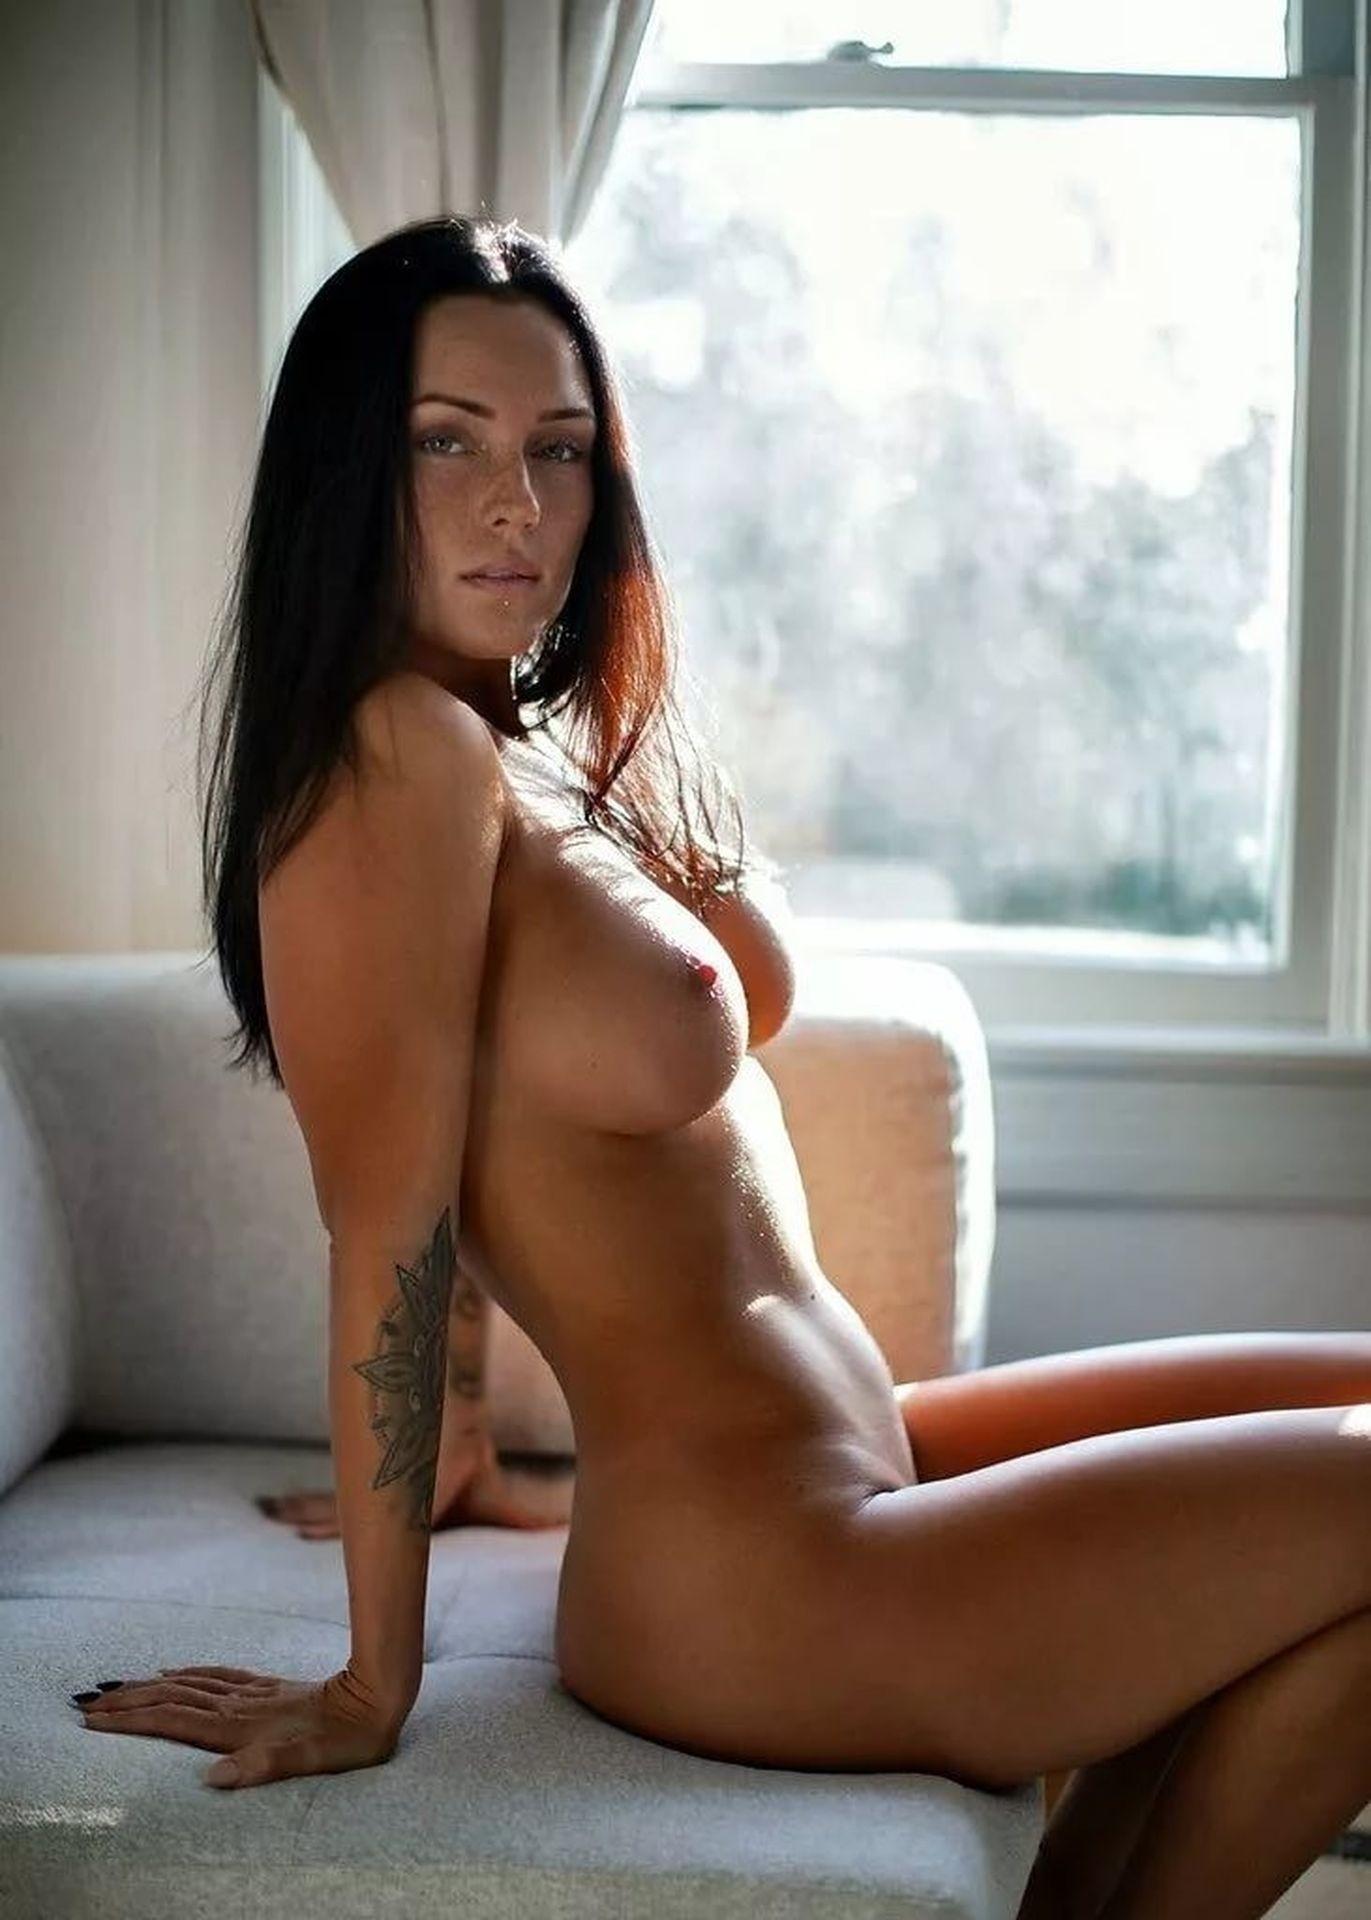 Lauren summer nude gallery leak model